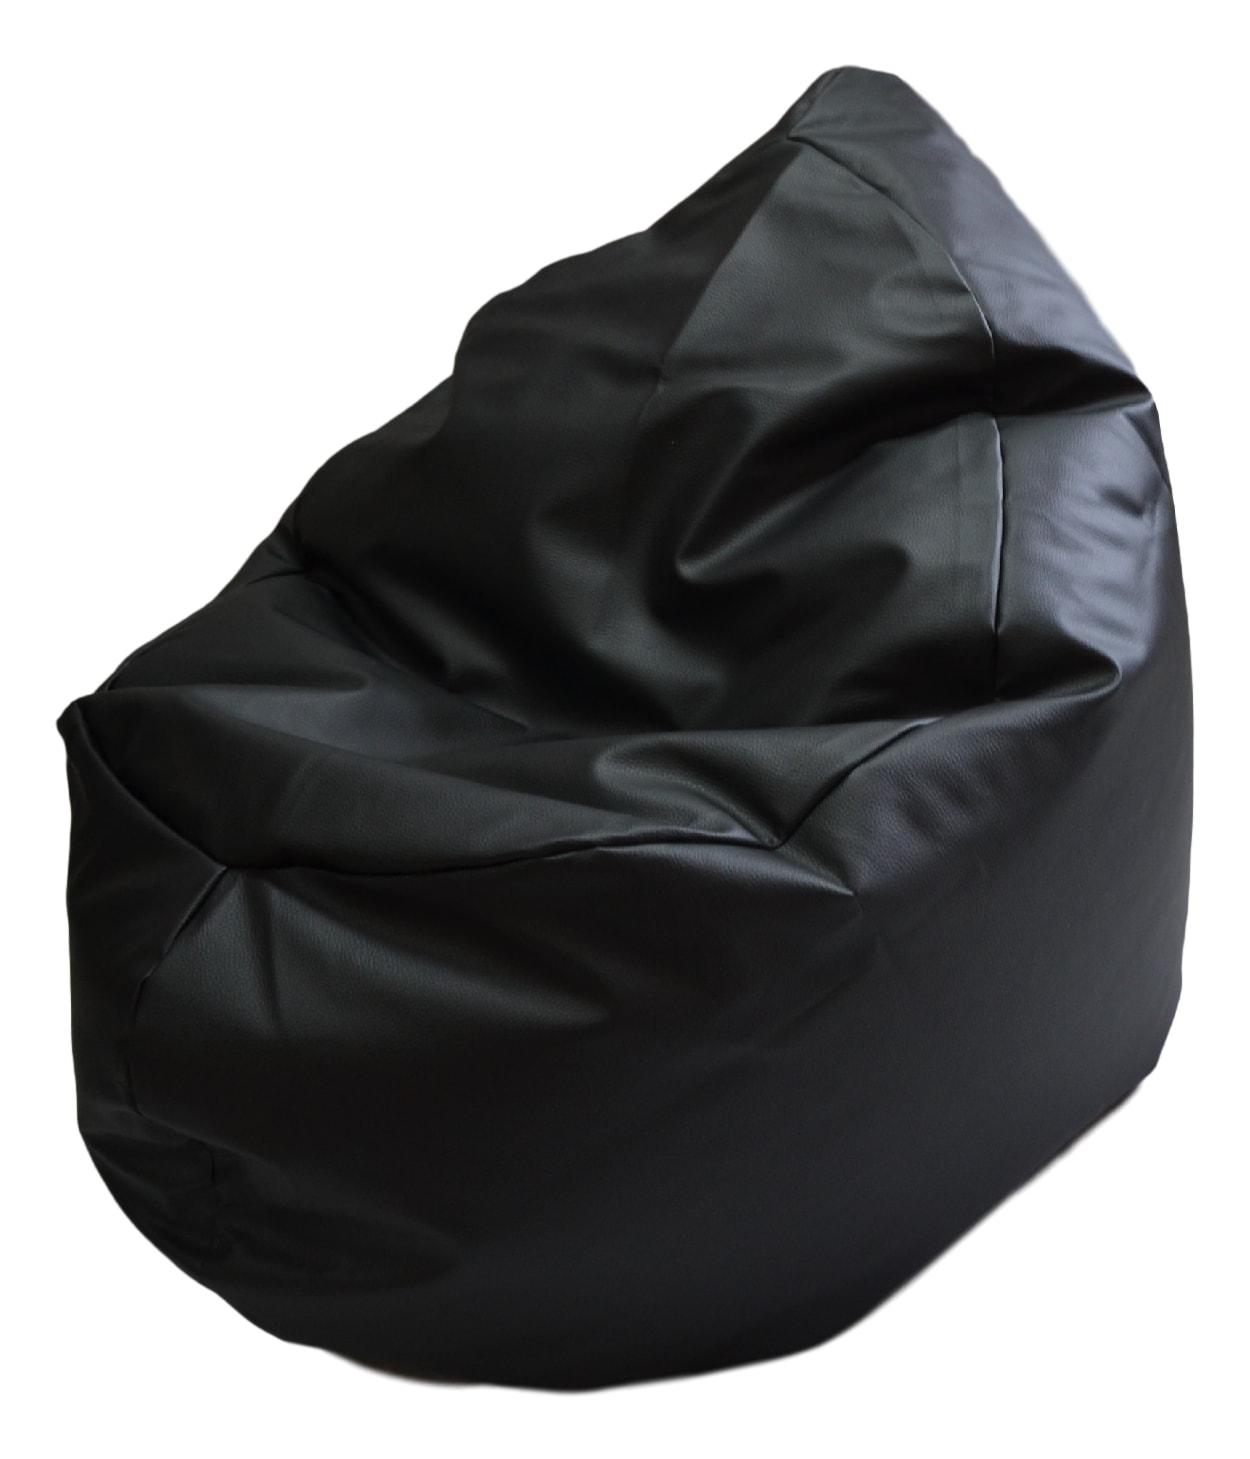 Zac černá cerna